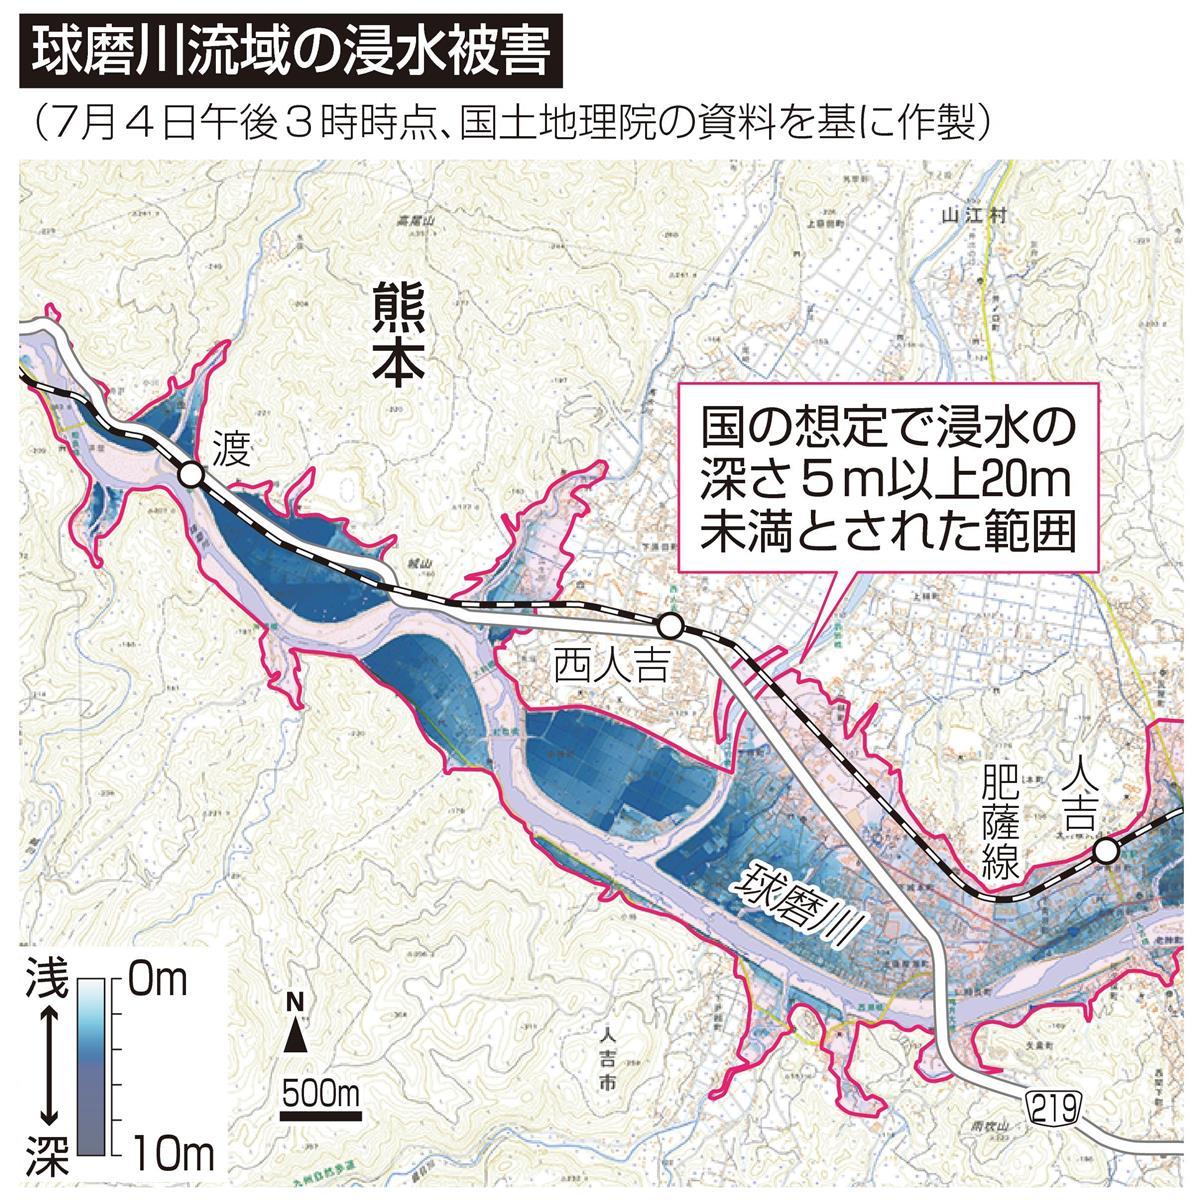 軽減 浸水 地区 被害